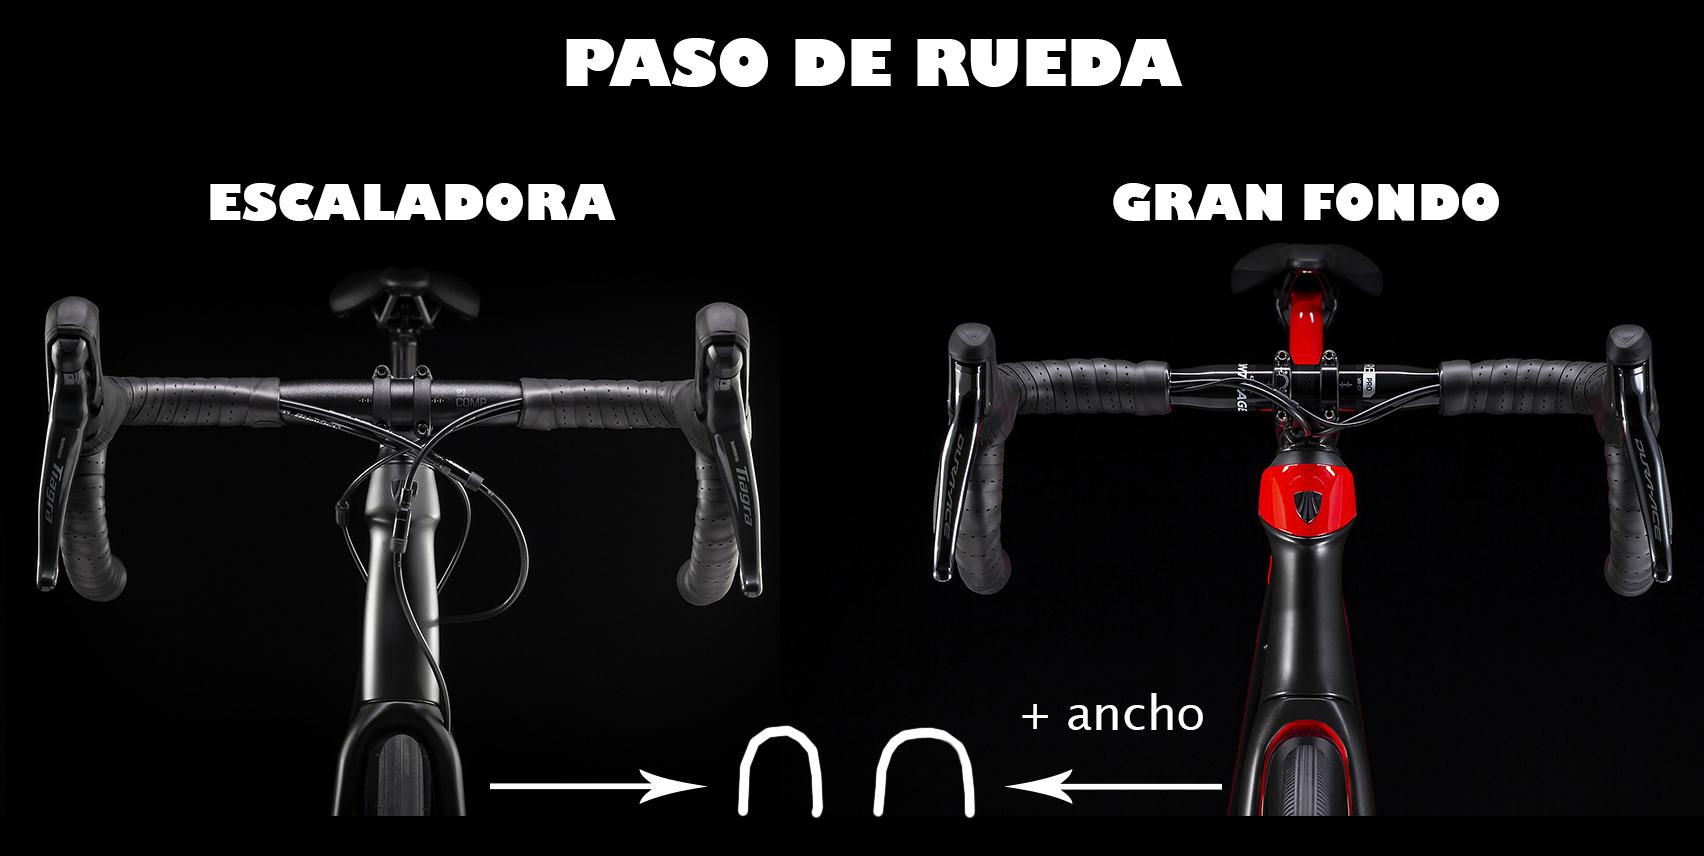 Comparación del paso de rueda de bicicleta escaladora y gran fondo